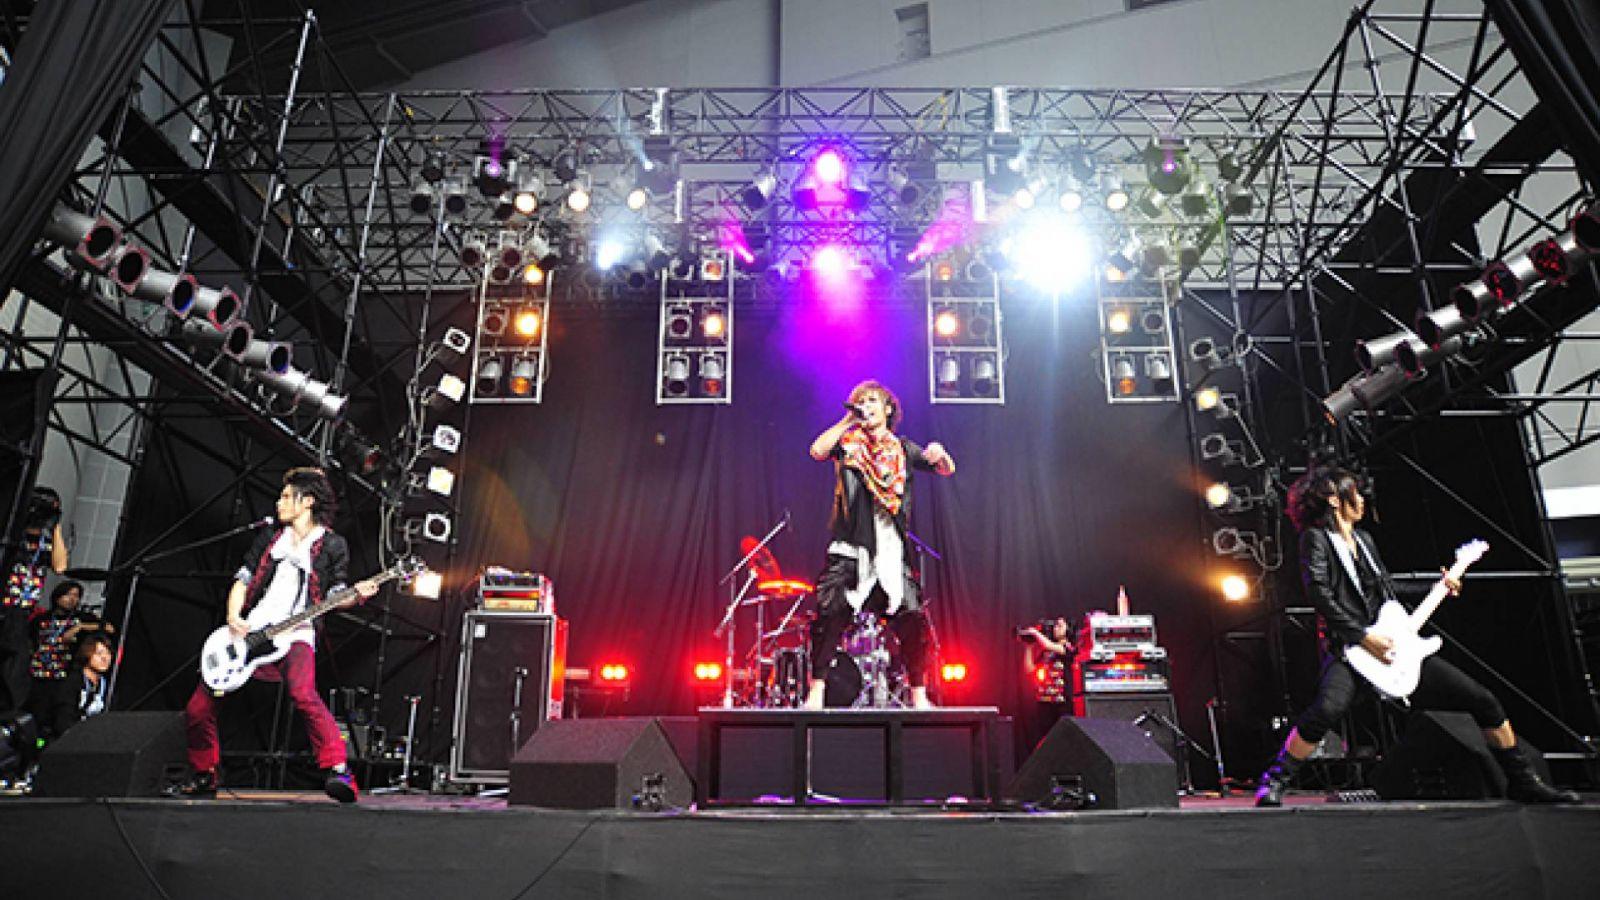 V-ROCK FESTIVAL 2011 —— 白与虹之舞台 © V-ROCK FESTIVAL 2011